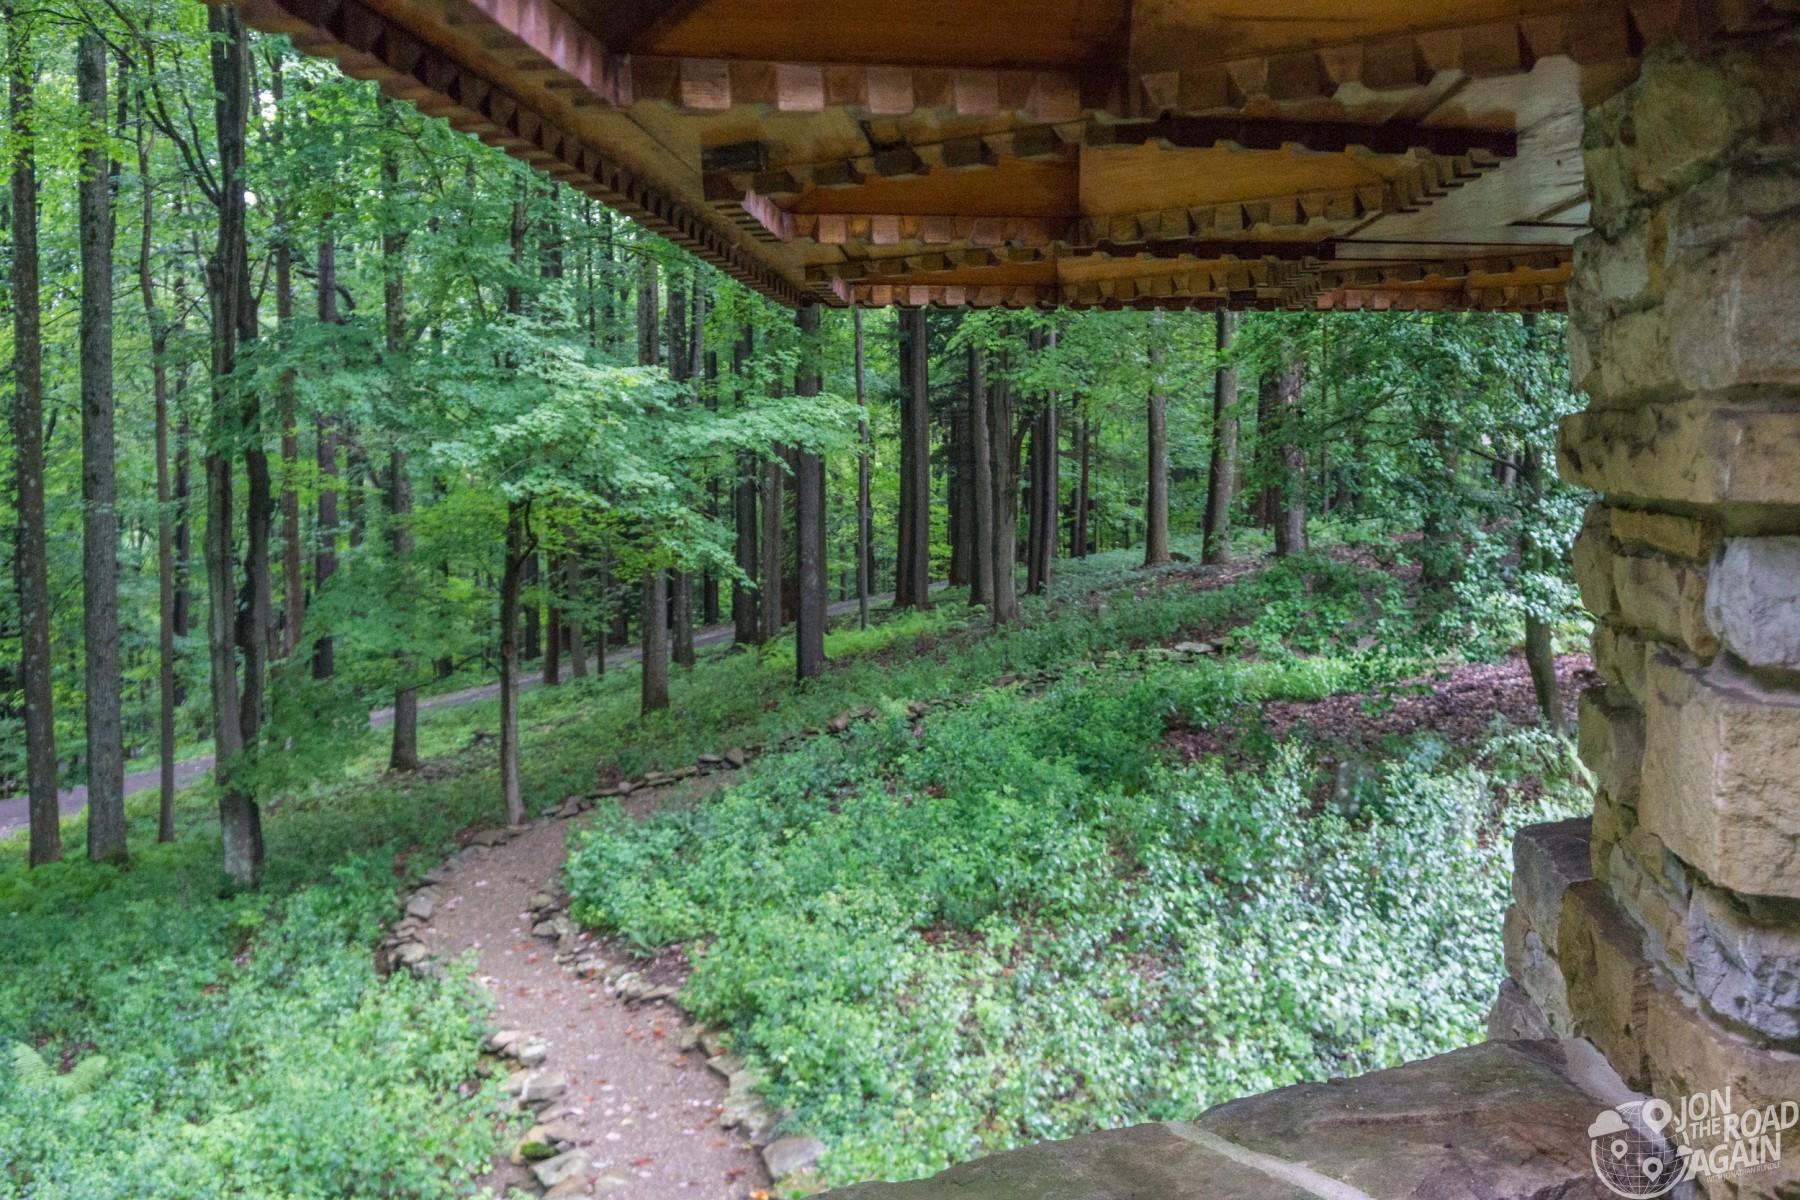 Kentuck Knob forest